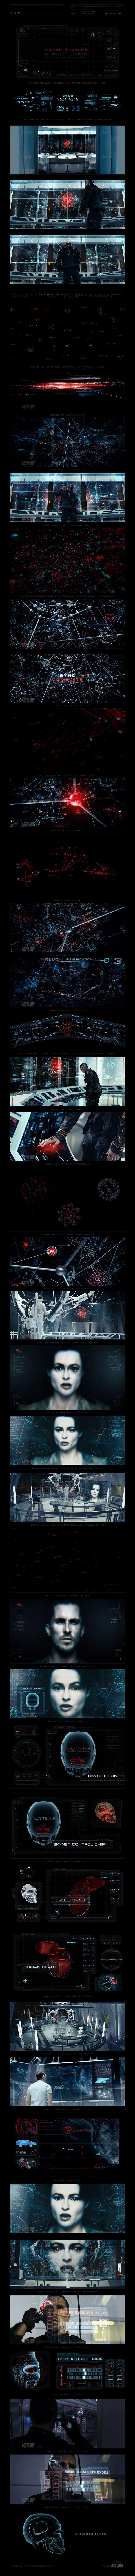 Terminator Salvation UI. #ui #interface #scifi #terminator #cinema